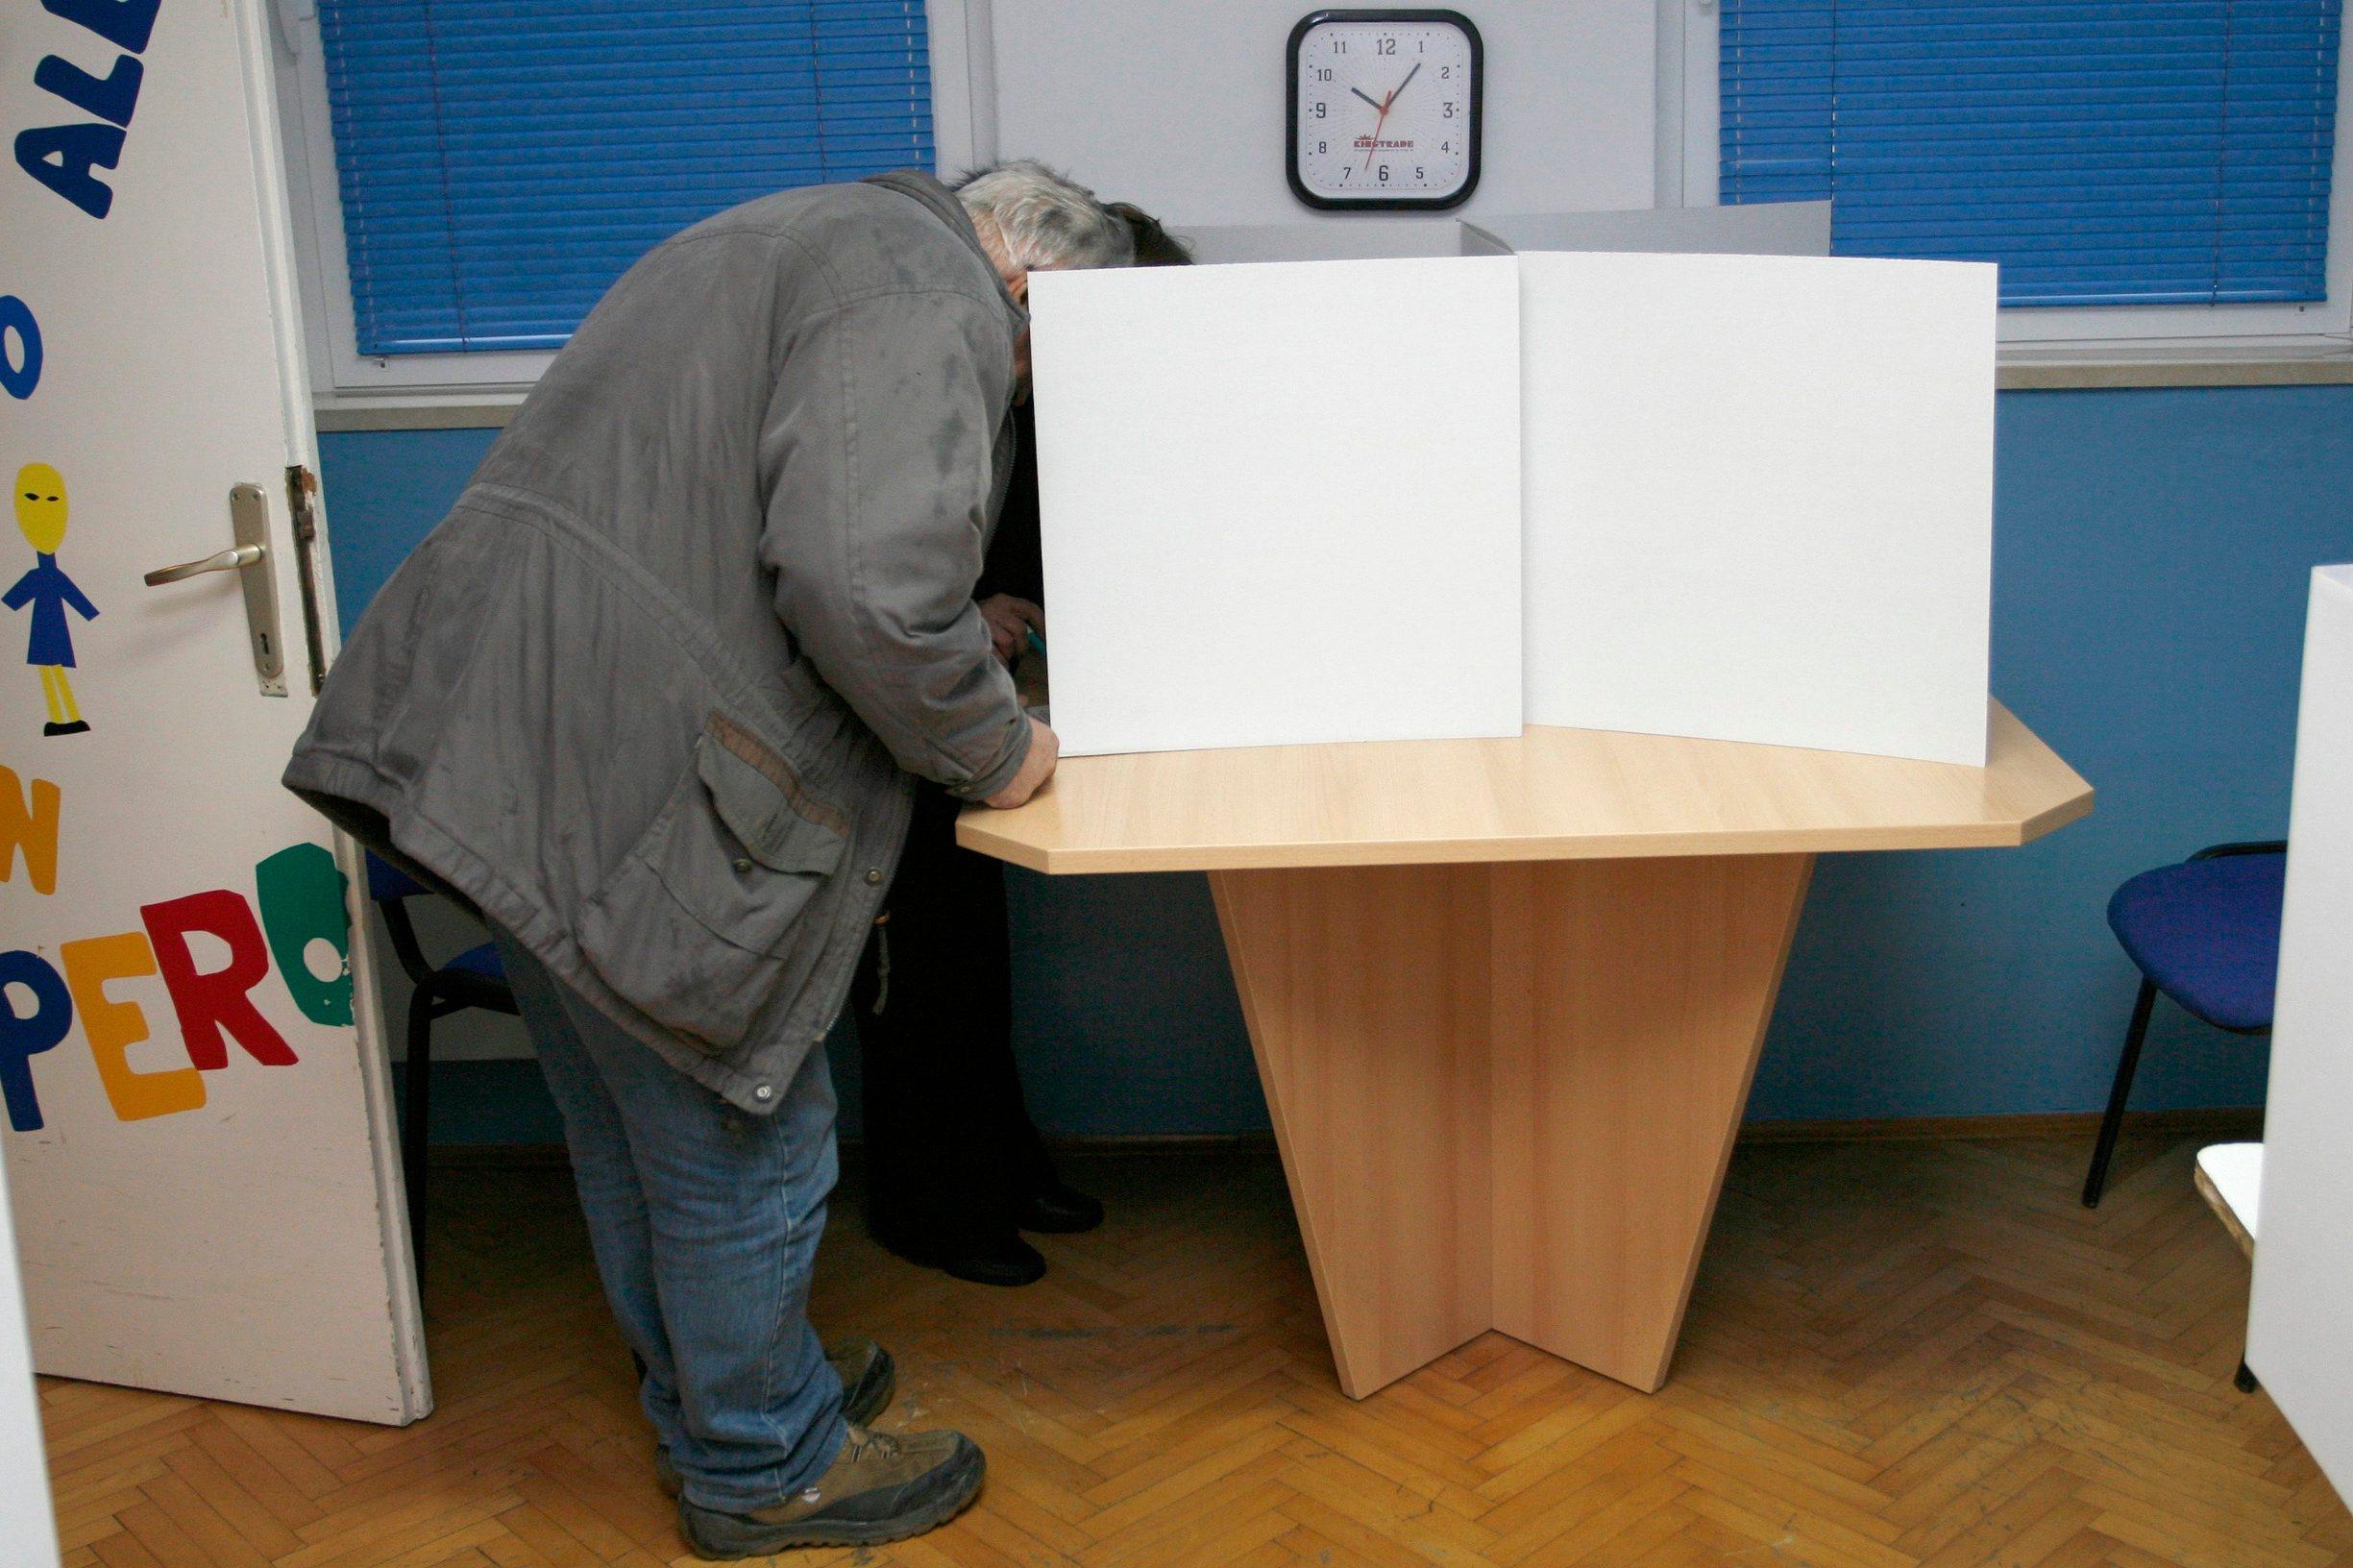 izbori_makarska1-271209